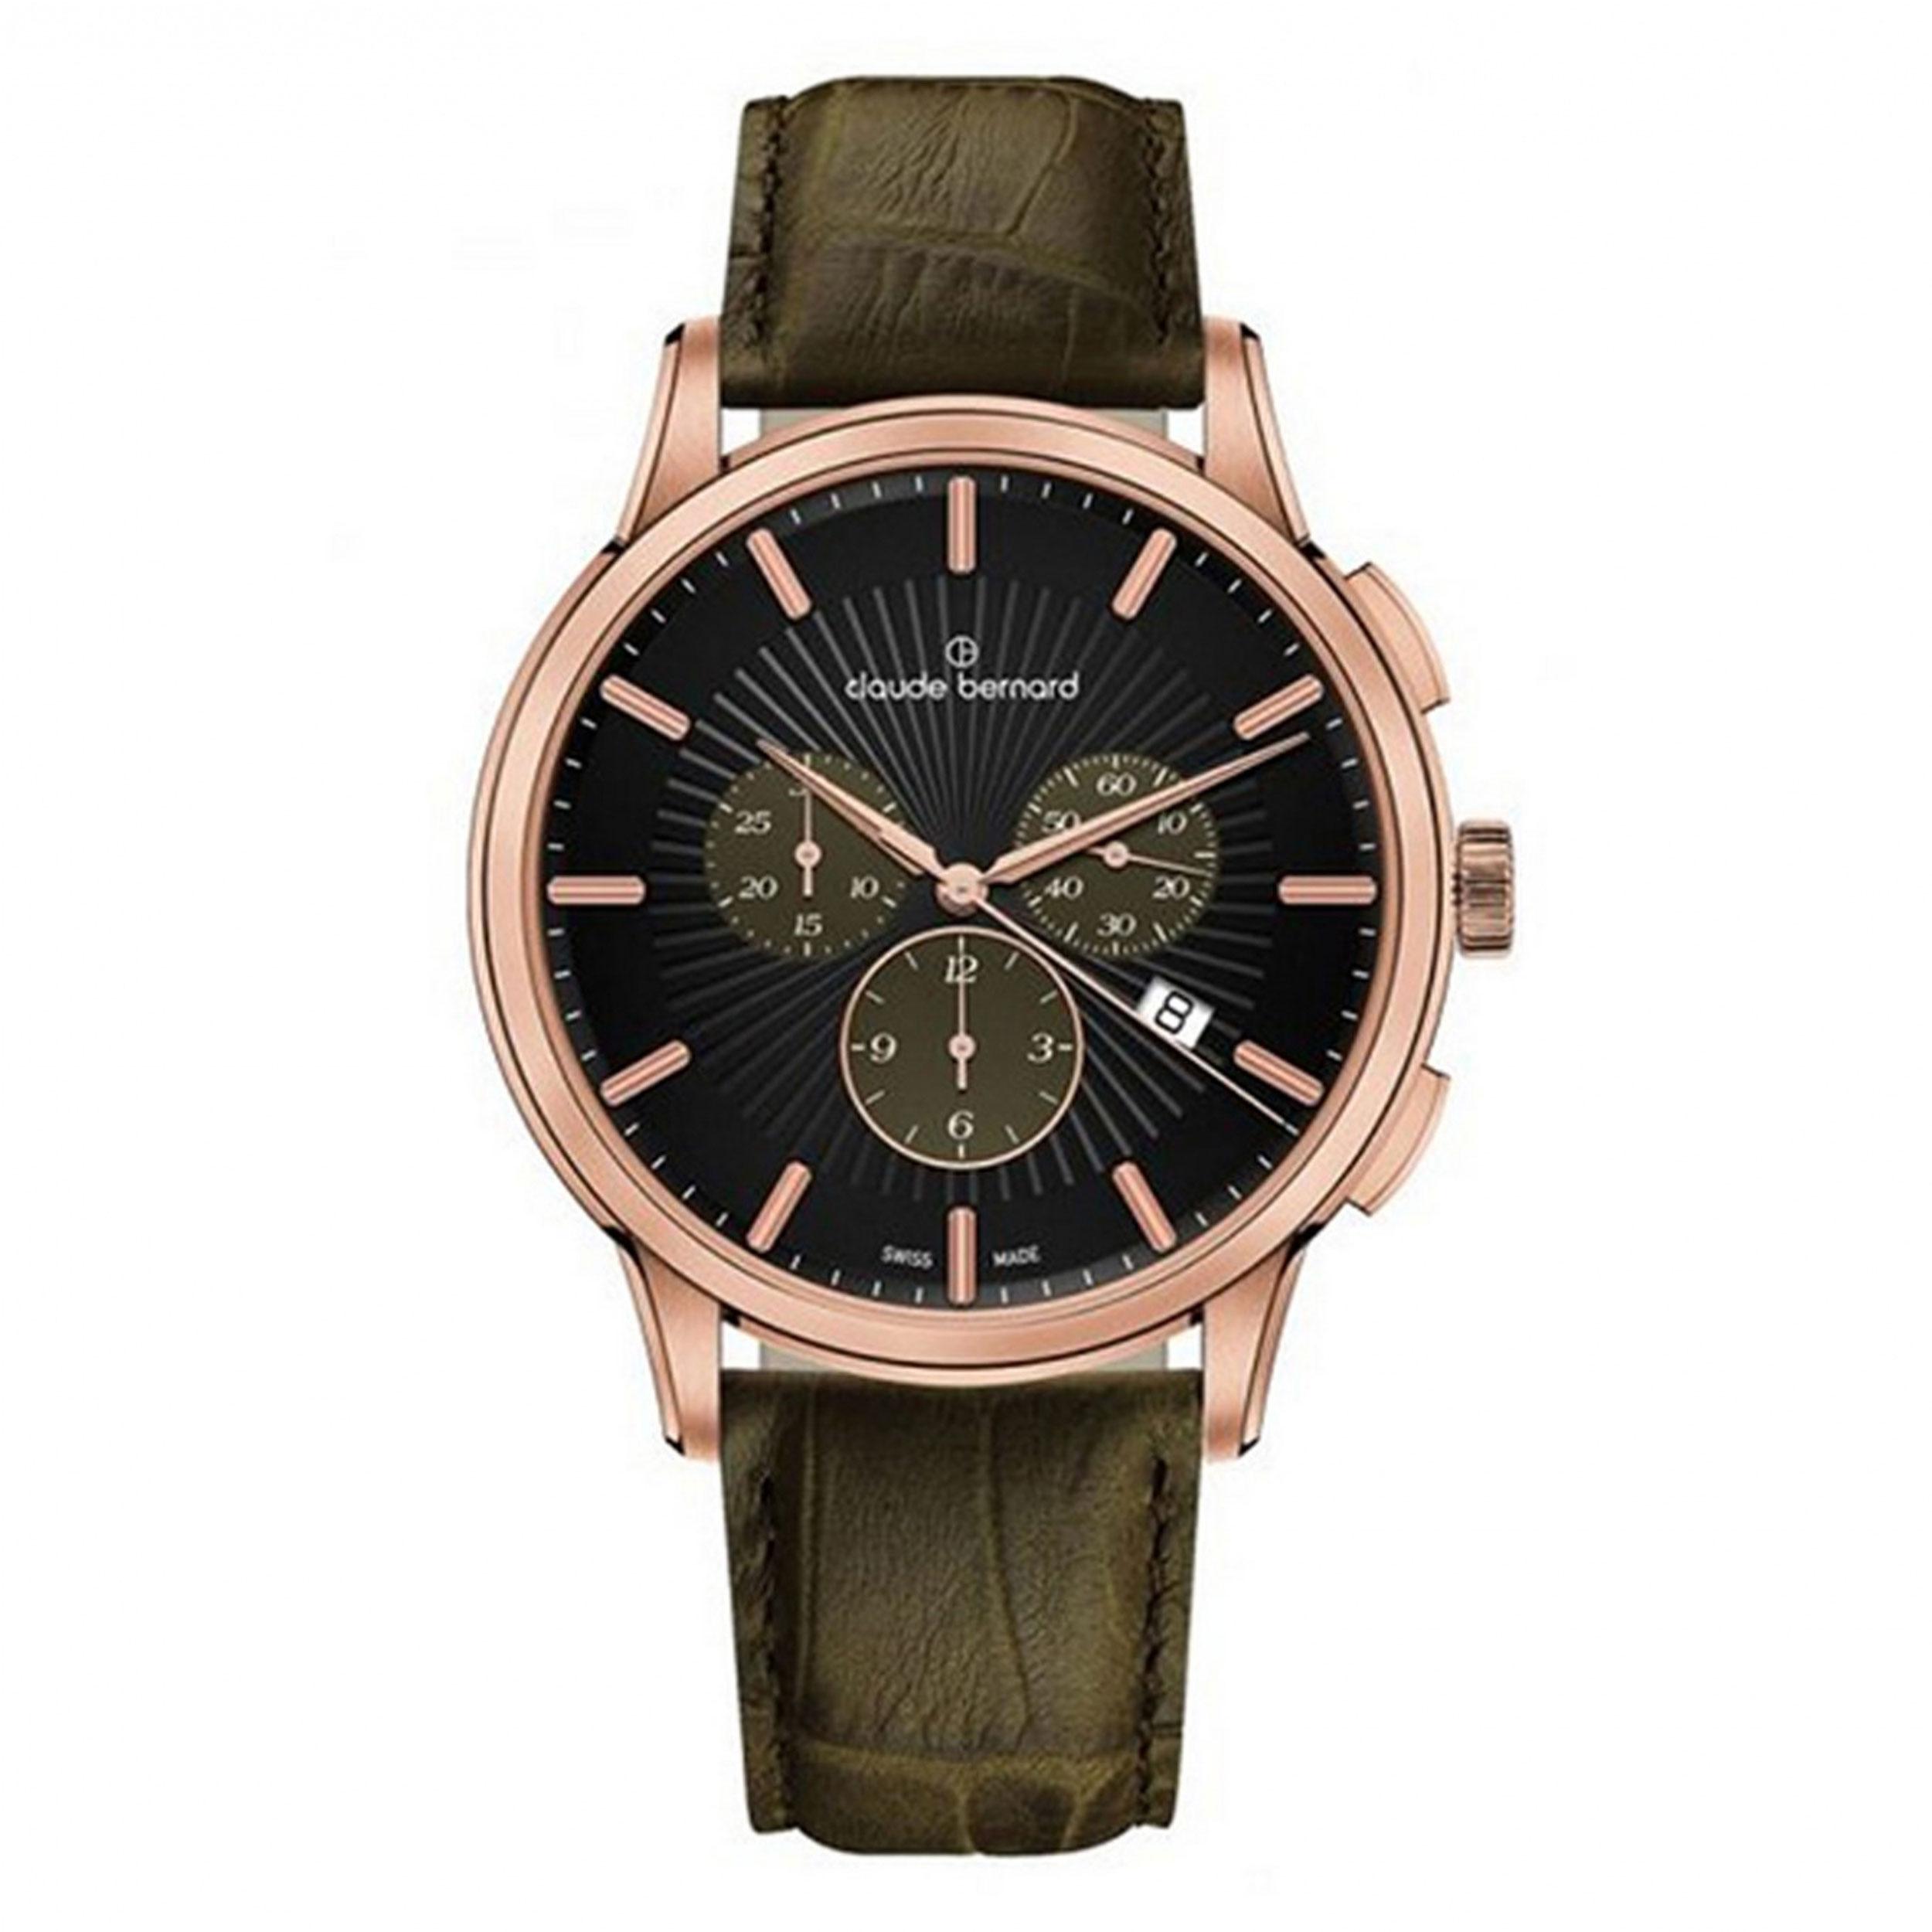 ساعت مچی عقربه ای مردانه کلود برنارد مدل 10237-37R-NIKAR